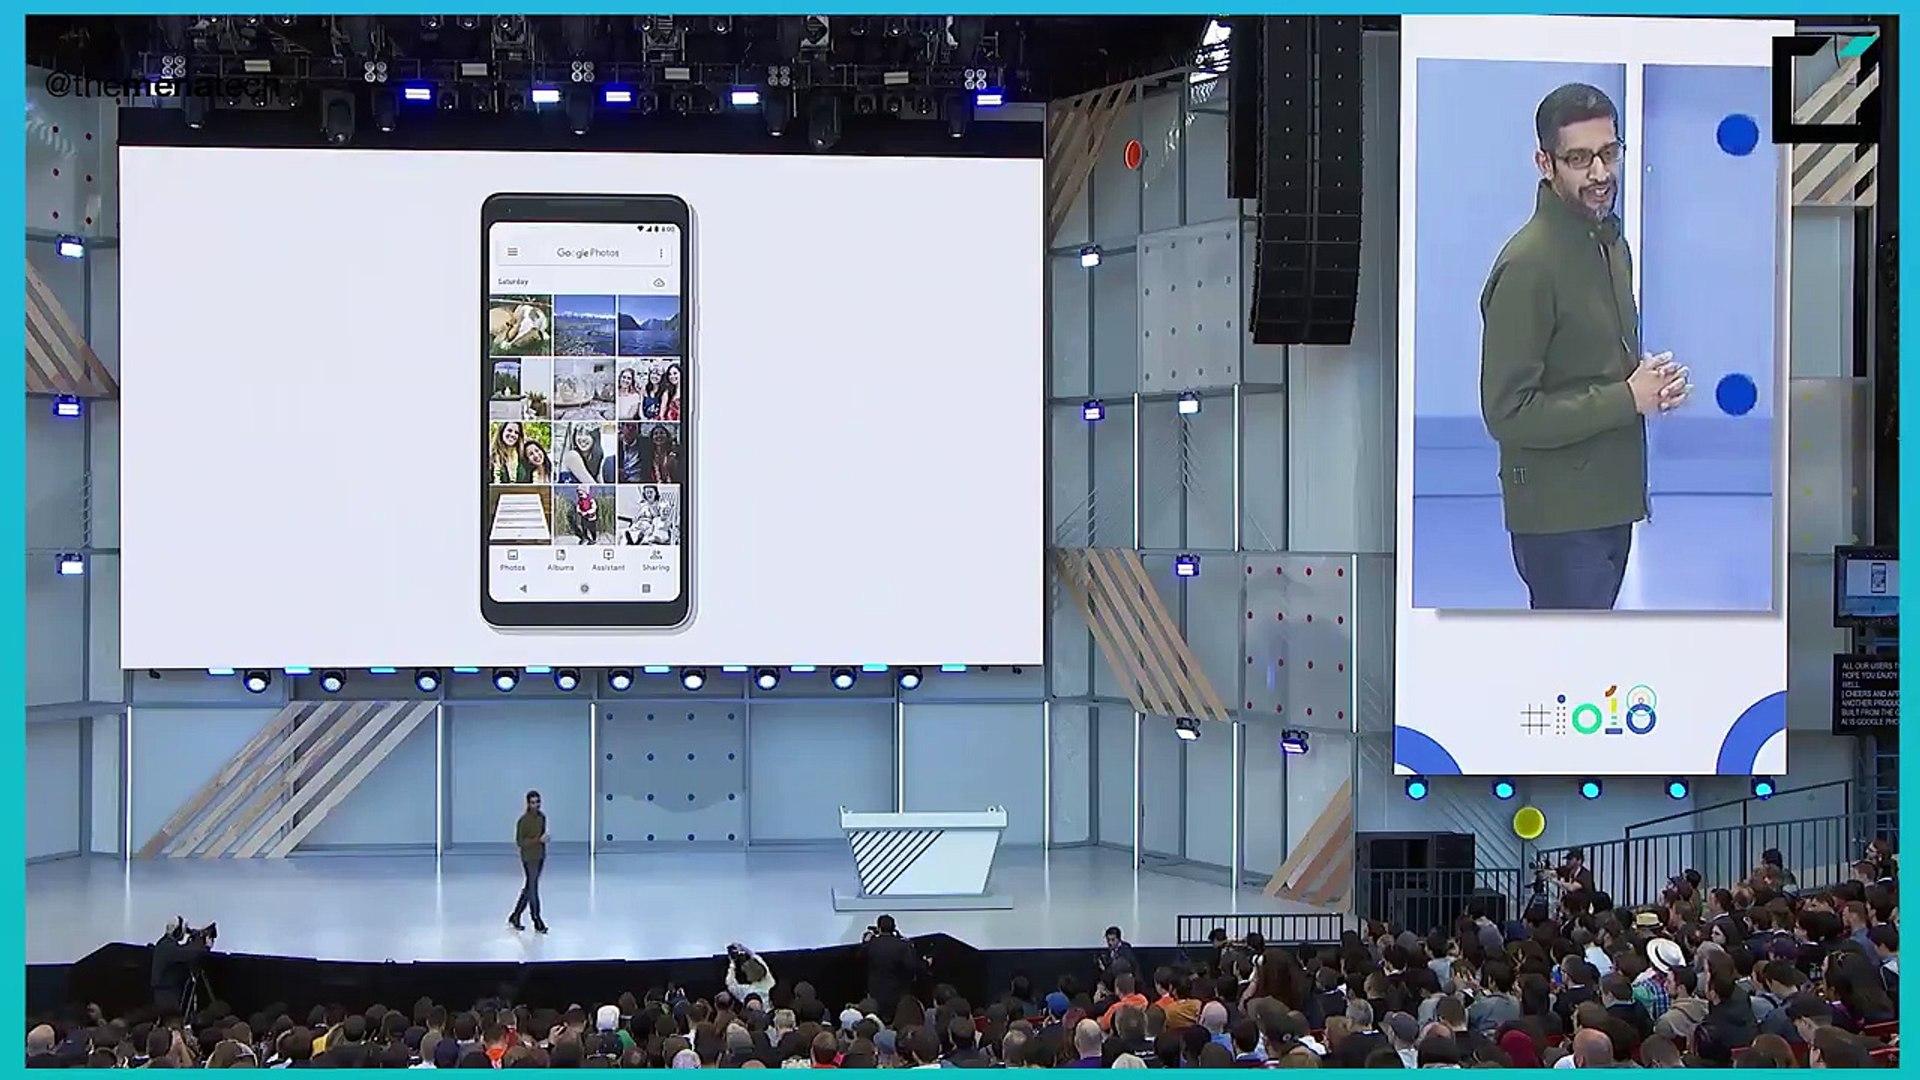 أبرز الإضافات الجديدة لتطبيق الصور من جوجل